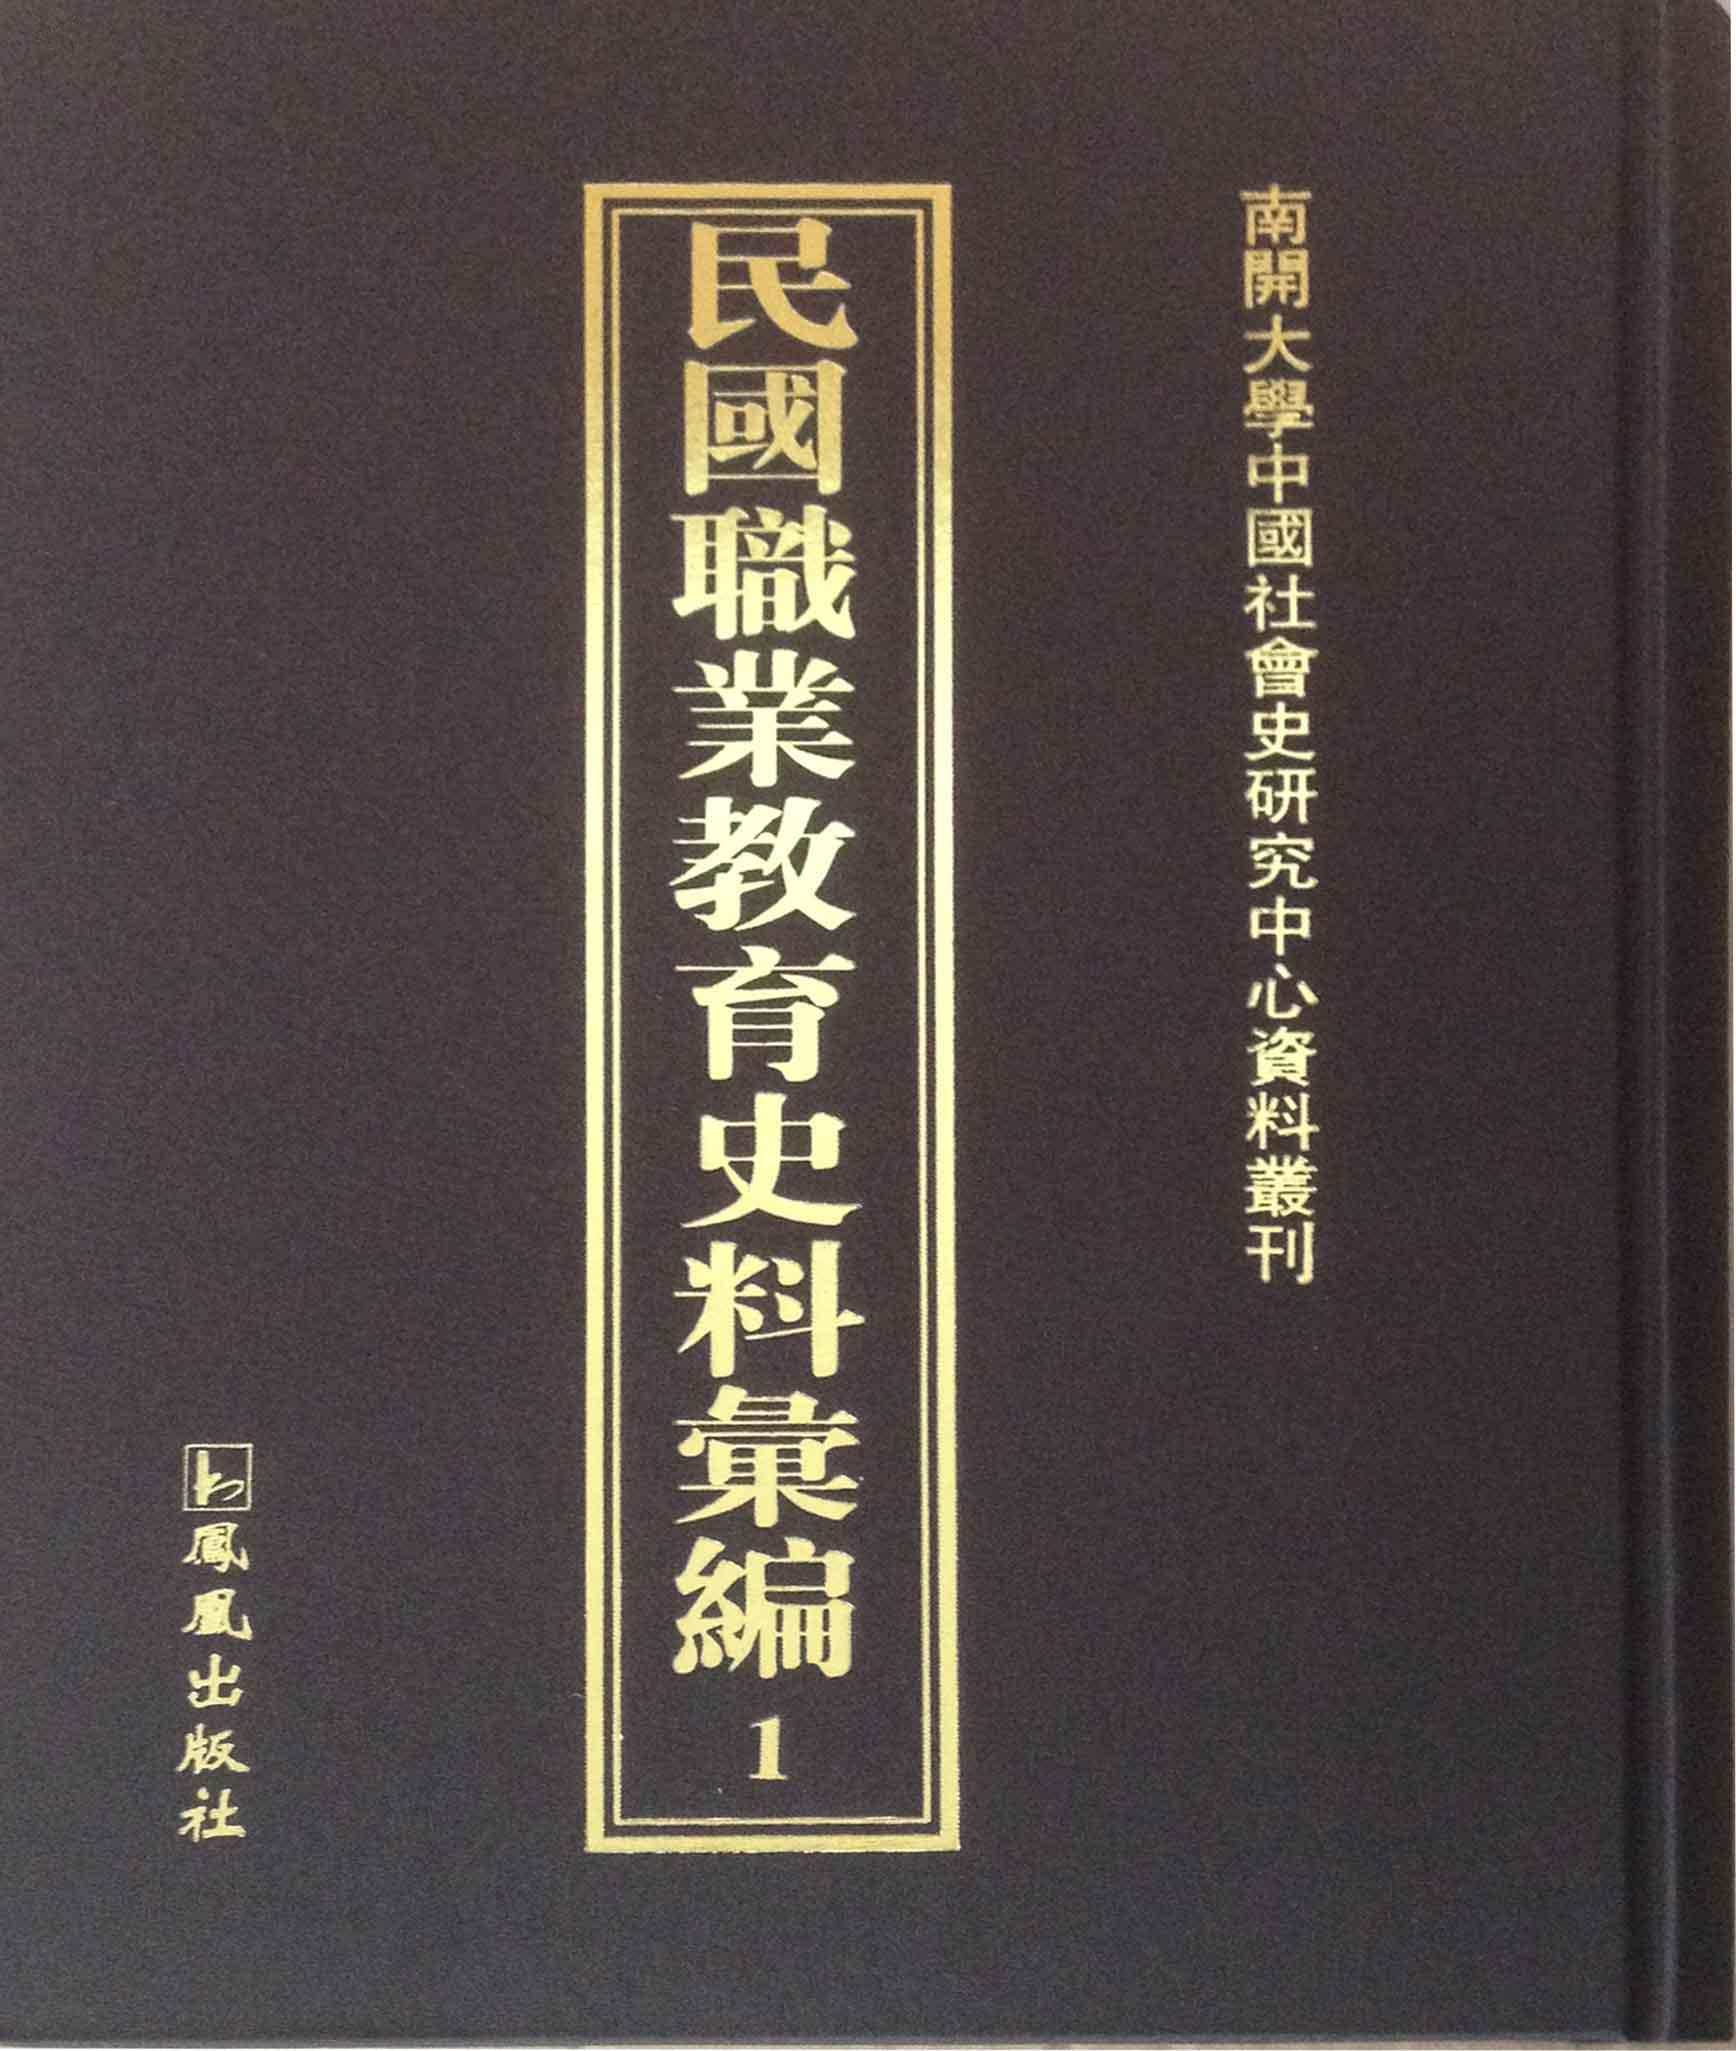 民国职业教育史料汇编 50册